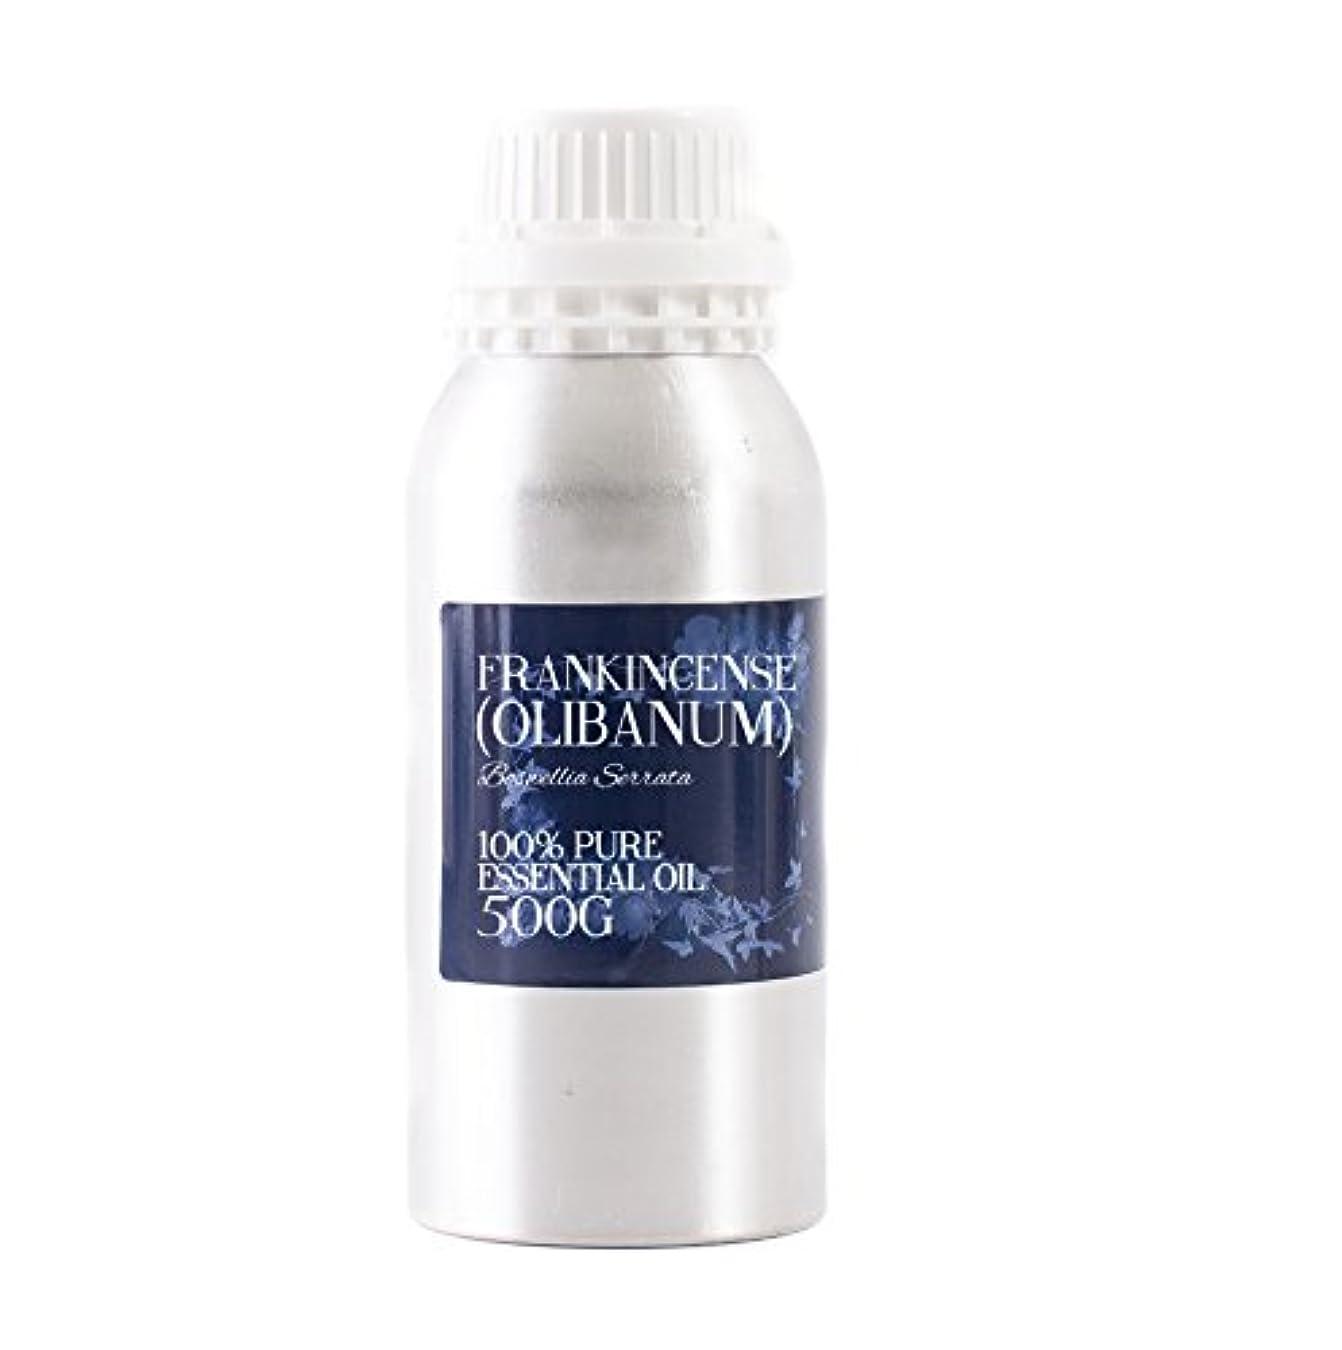 思慮深いインターネット退屈させるMystic Moments | Frankincense Olibanum Essential Oil - 500g - 100% Pure